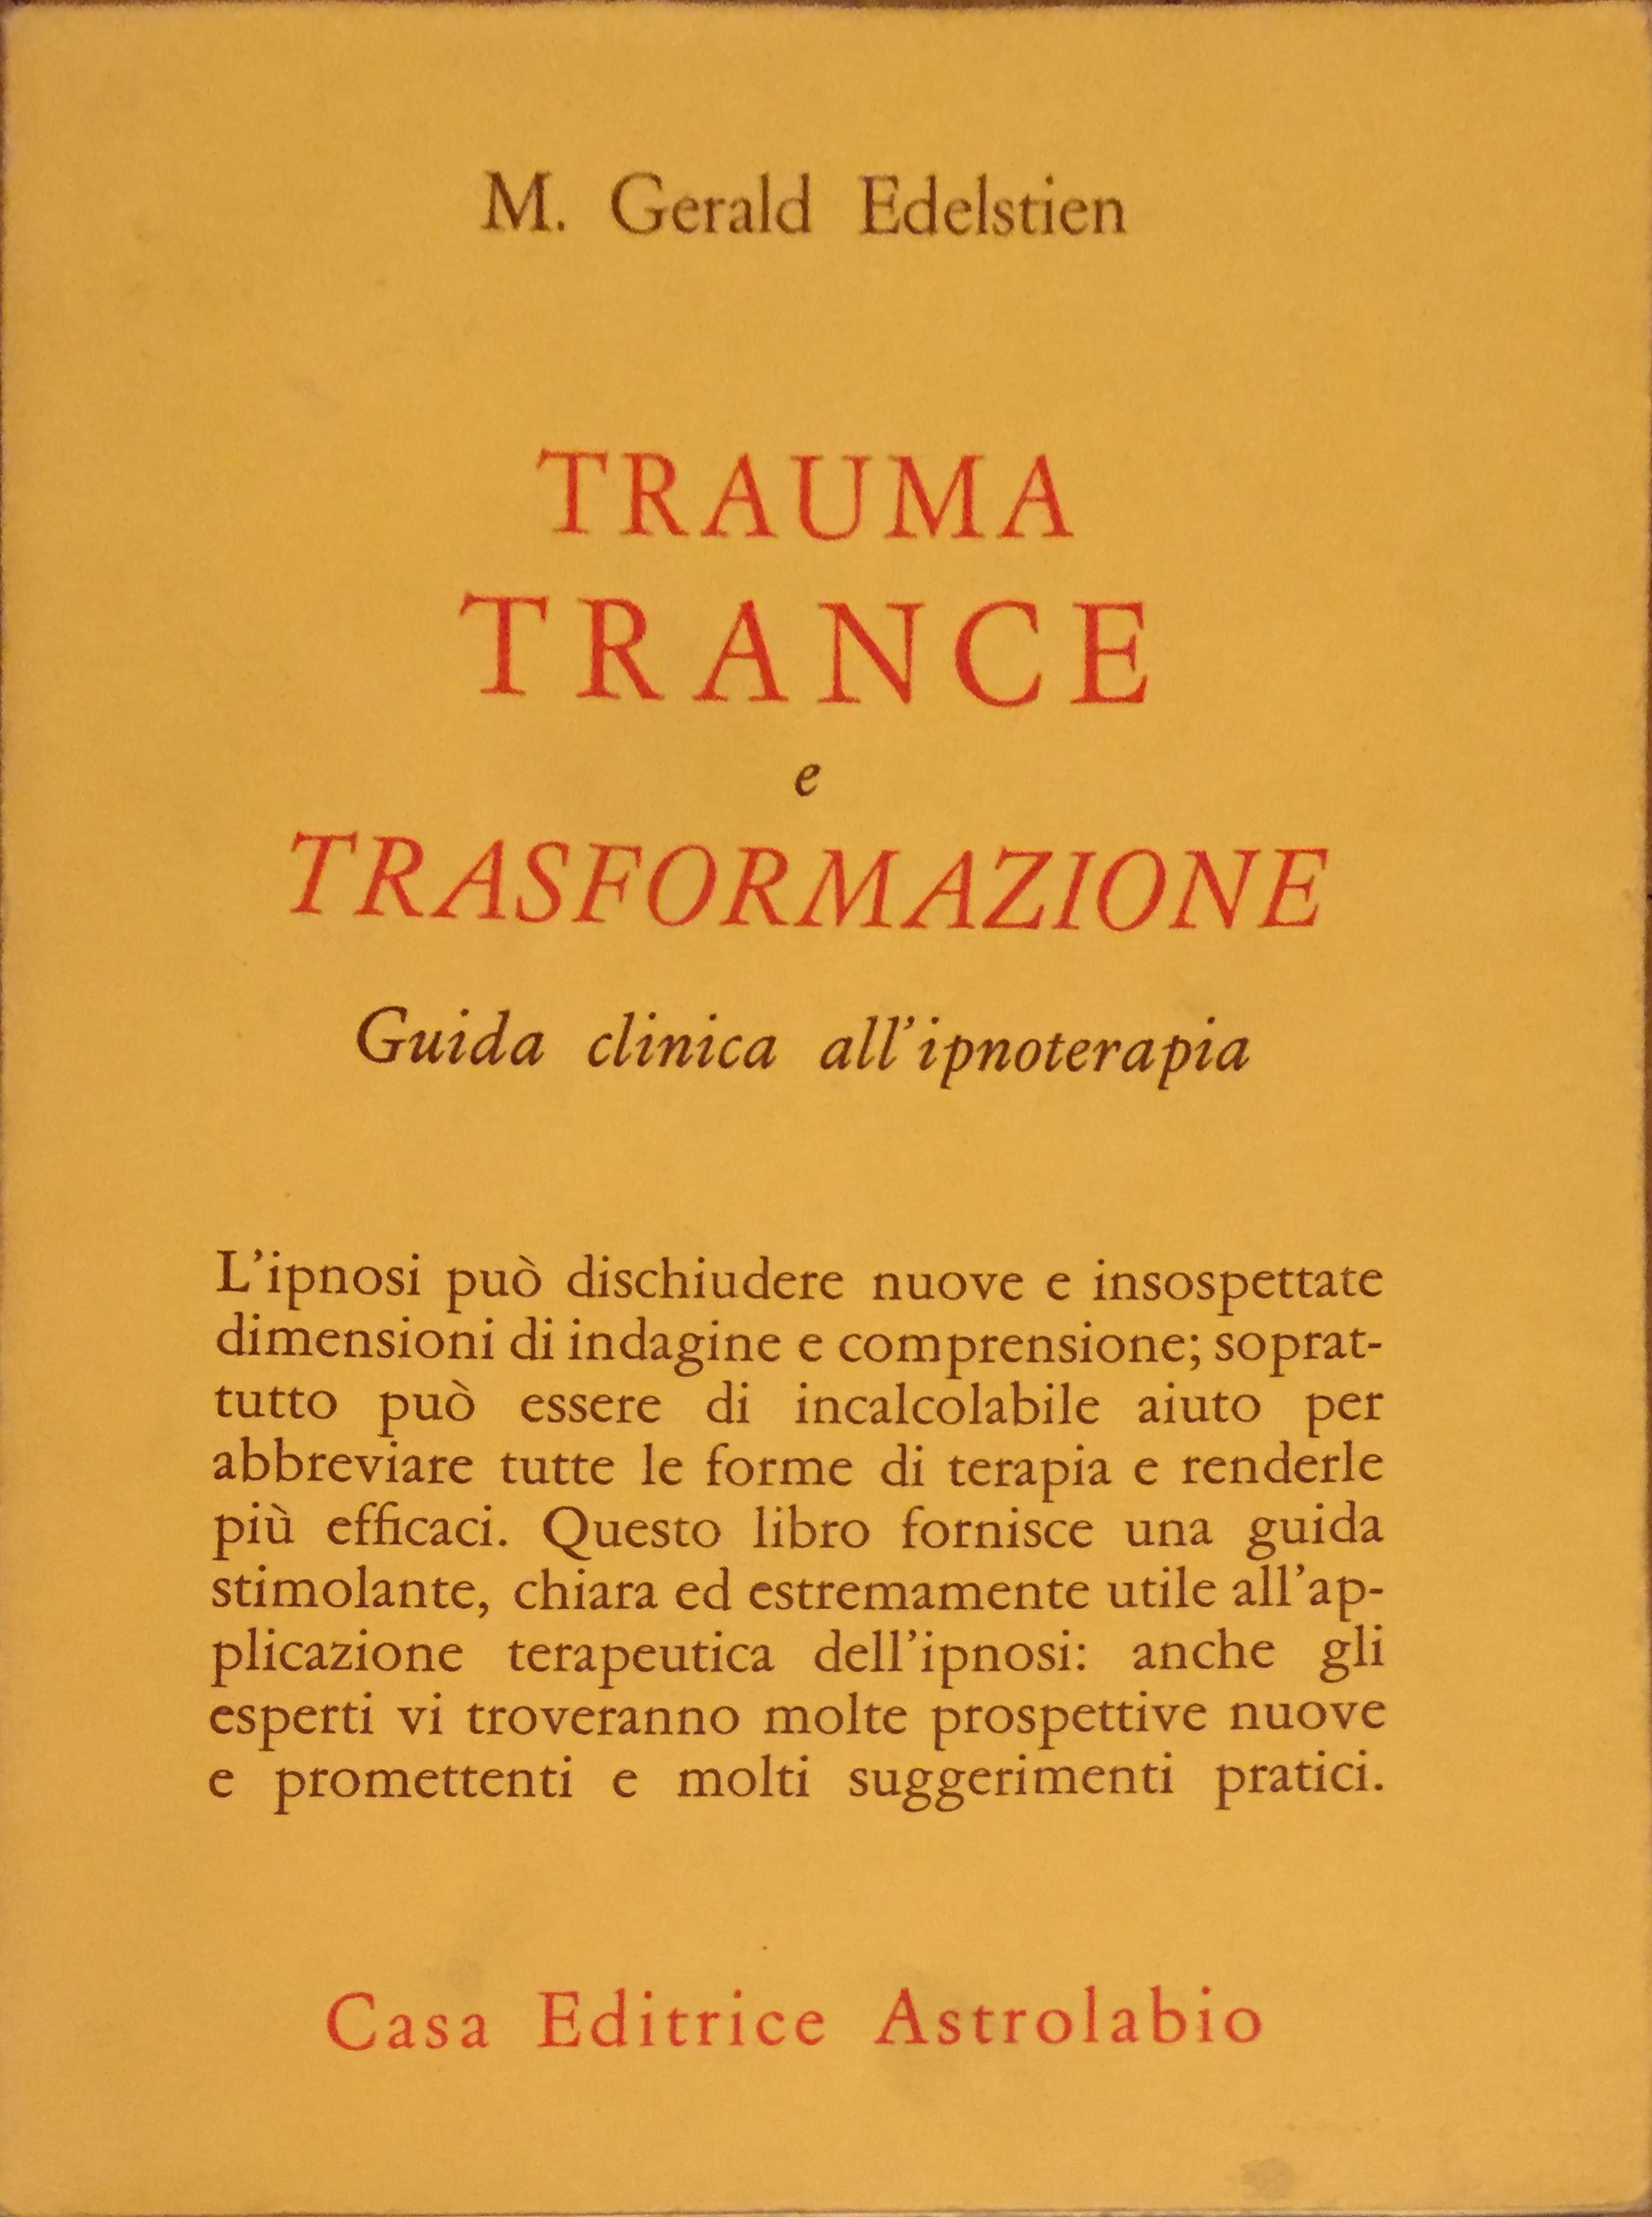 Trauma, trance e trasformazione